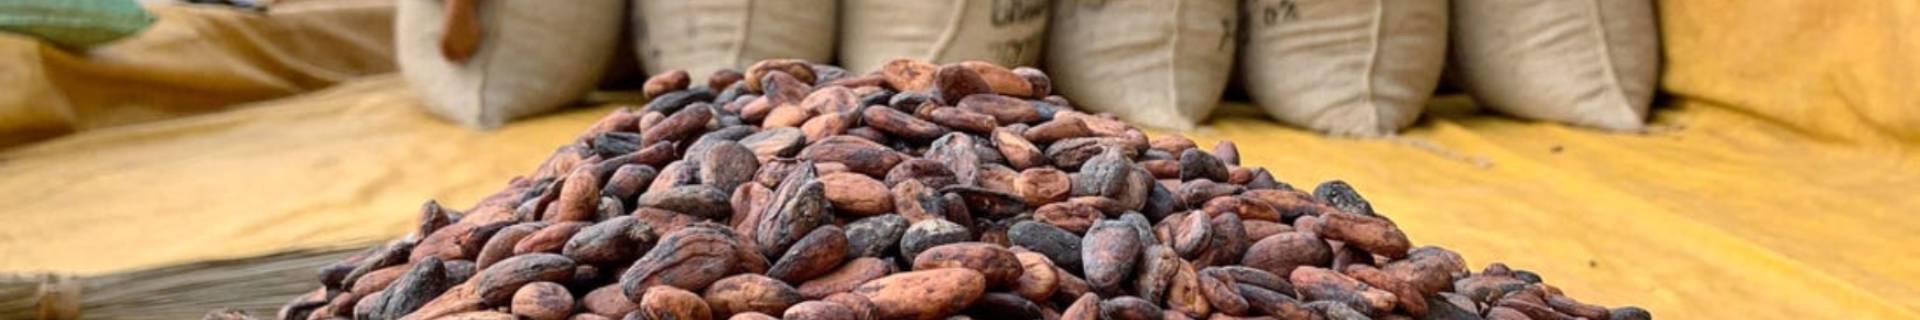 Selección de Cacaos sostenibles de comercio justo - ECOLECTIA